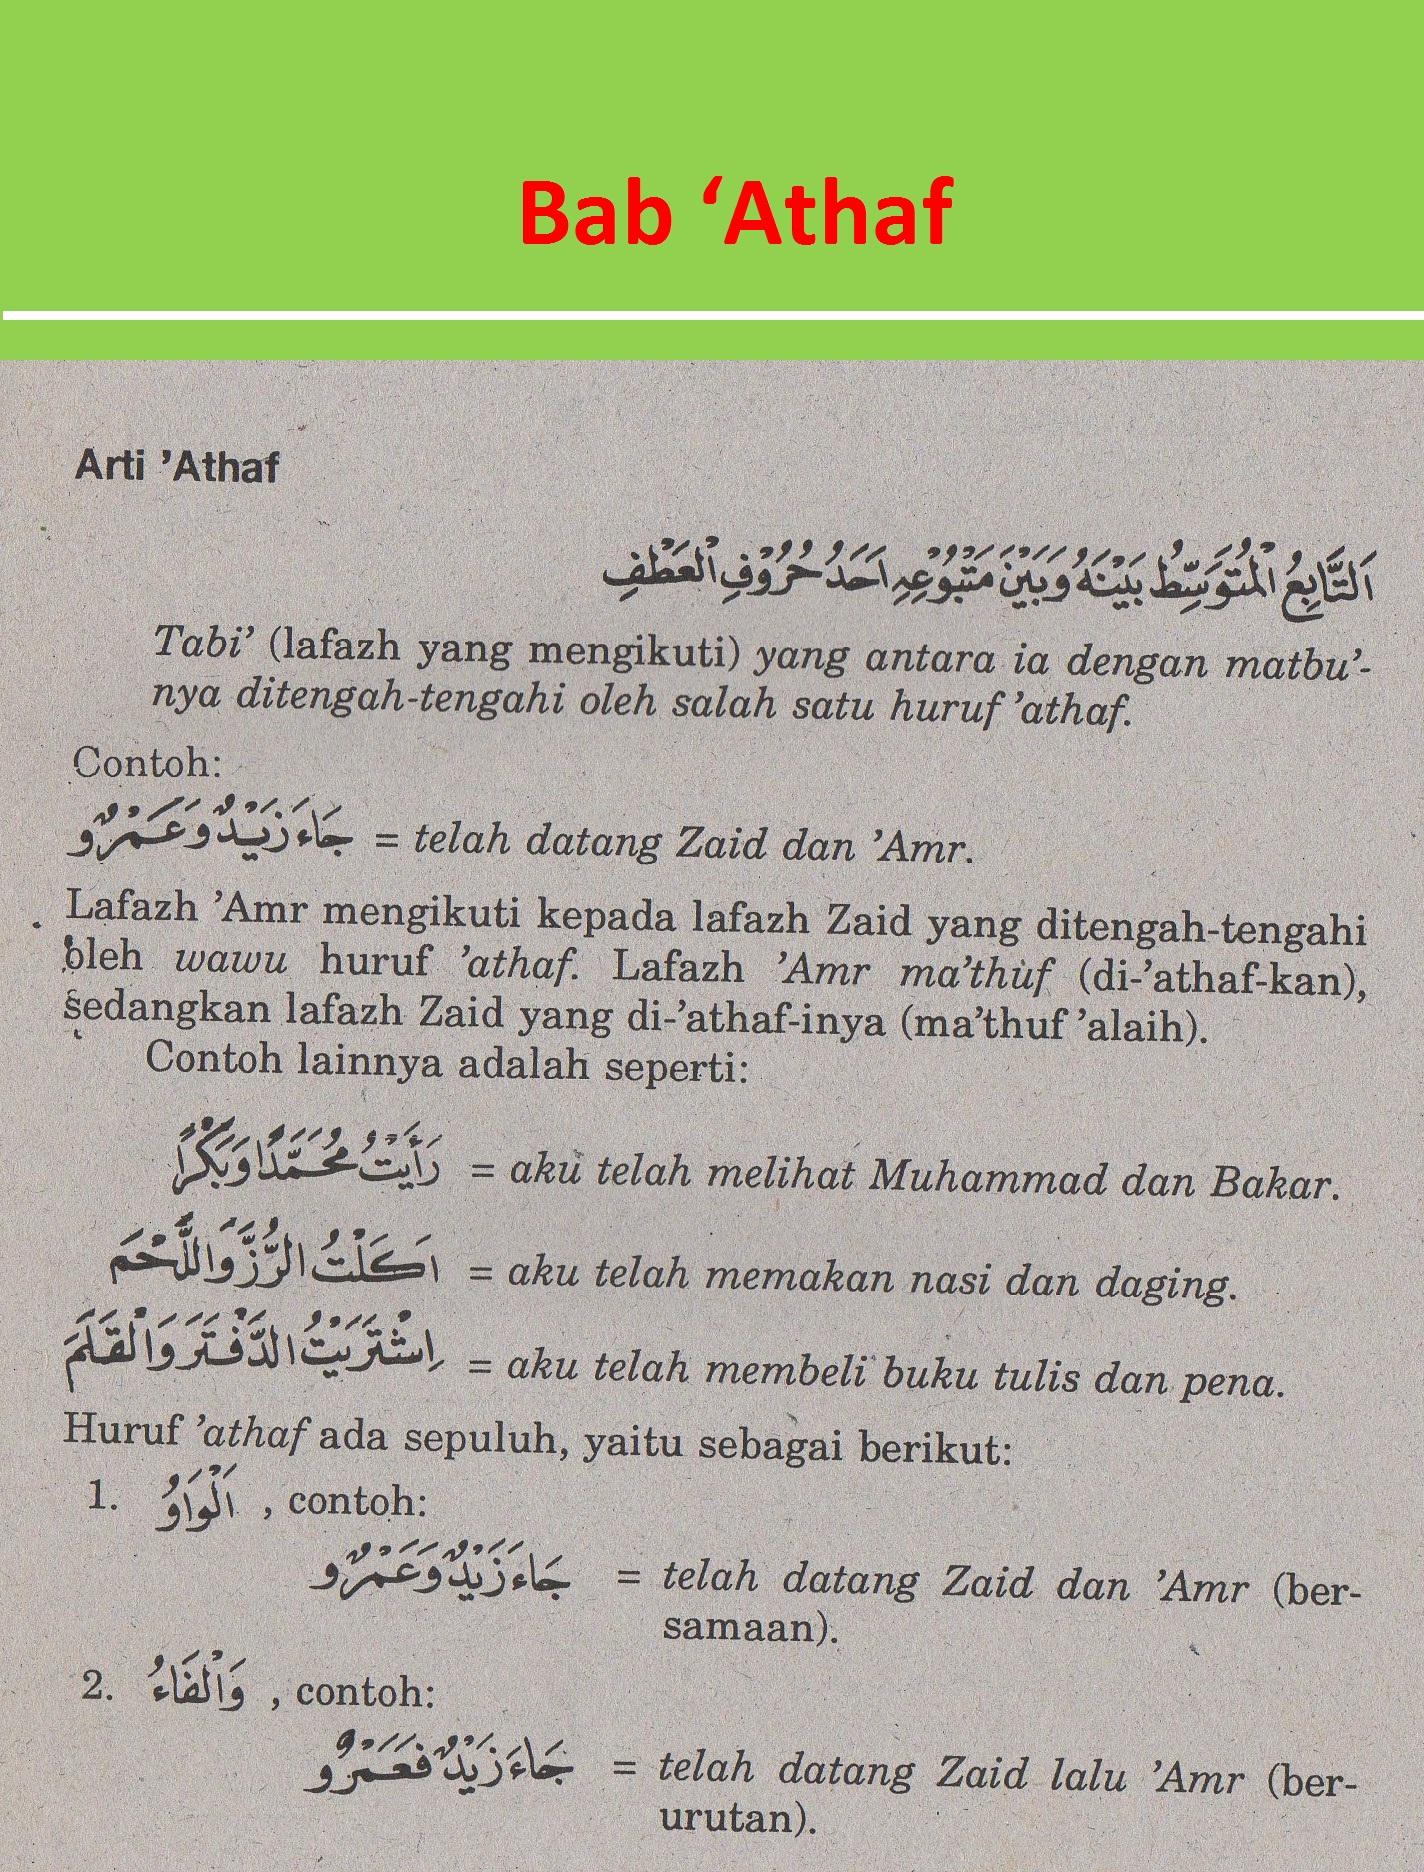 belajar bahasa arab ilmu nahwu bab athaf 1